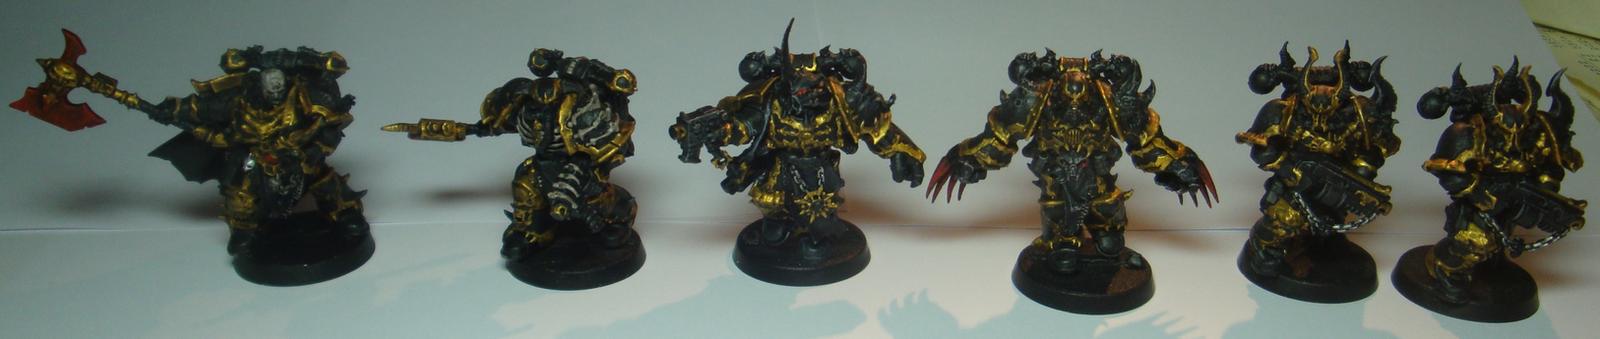 Black legion chosen ones by Littlecutter